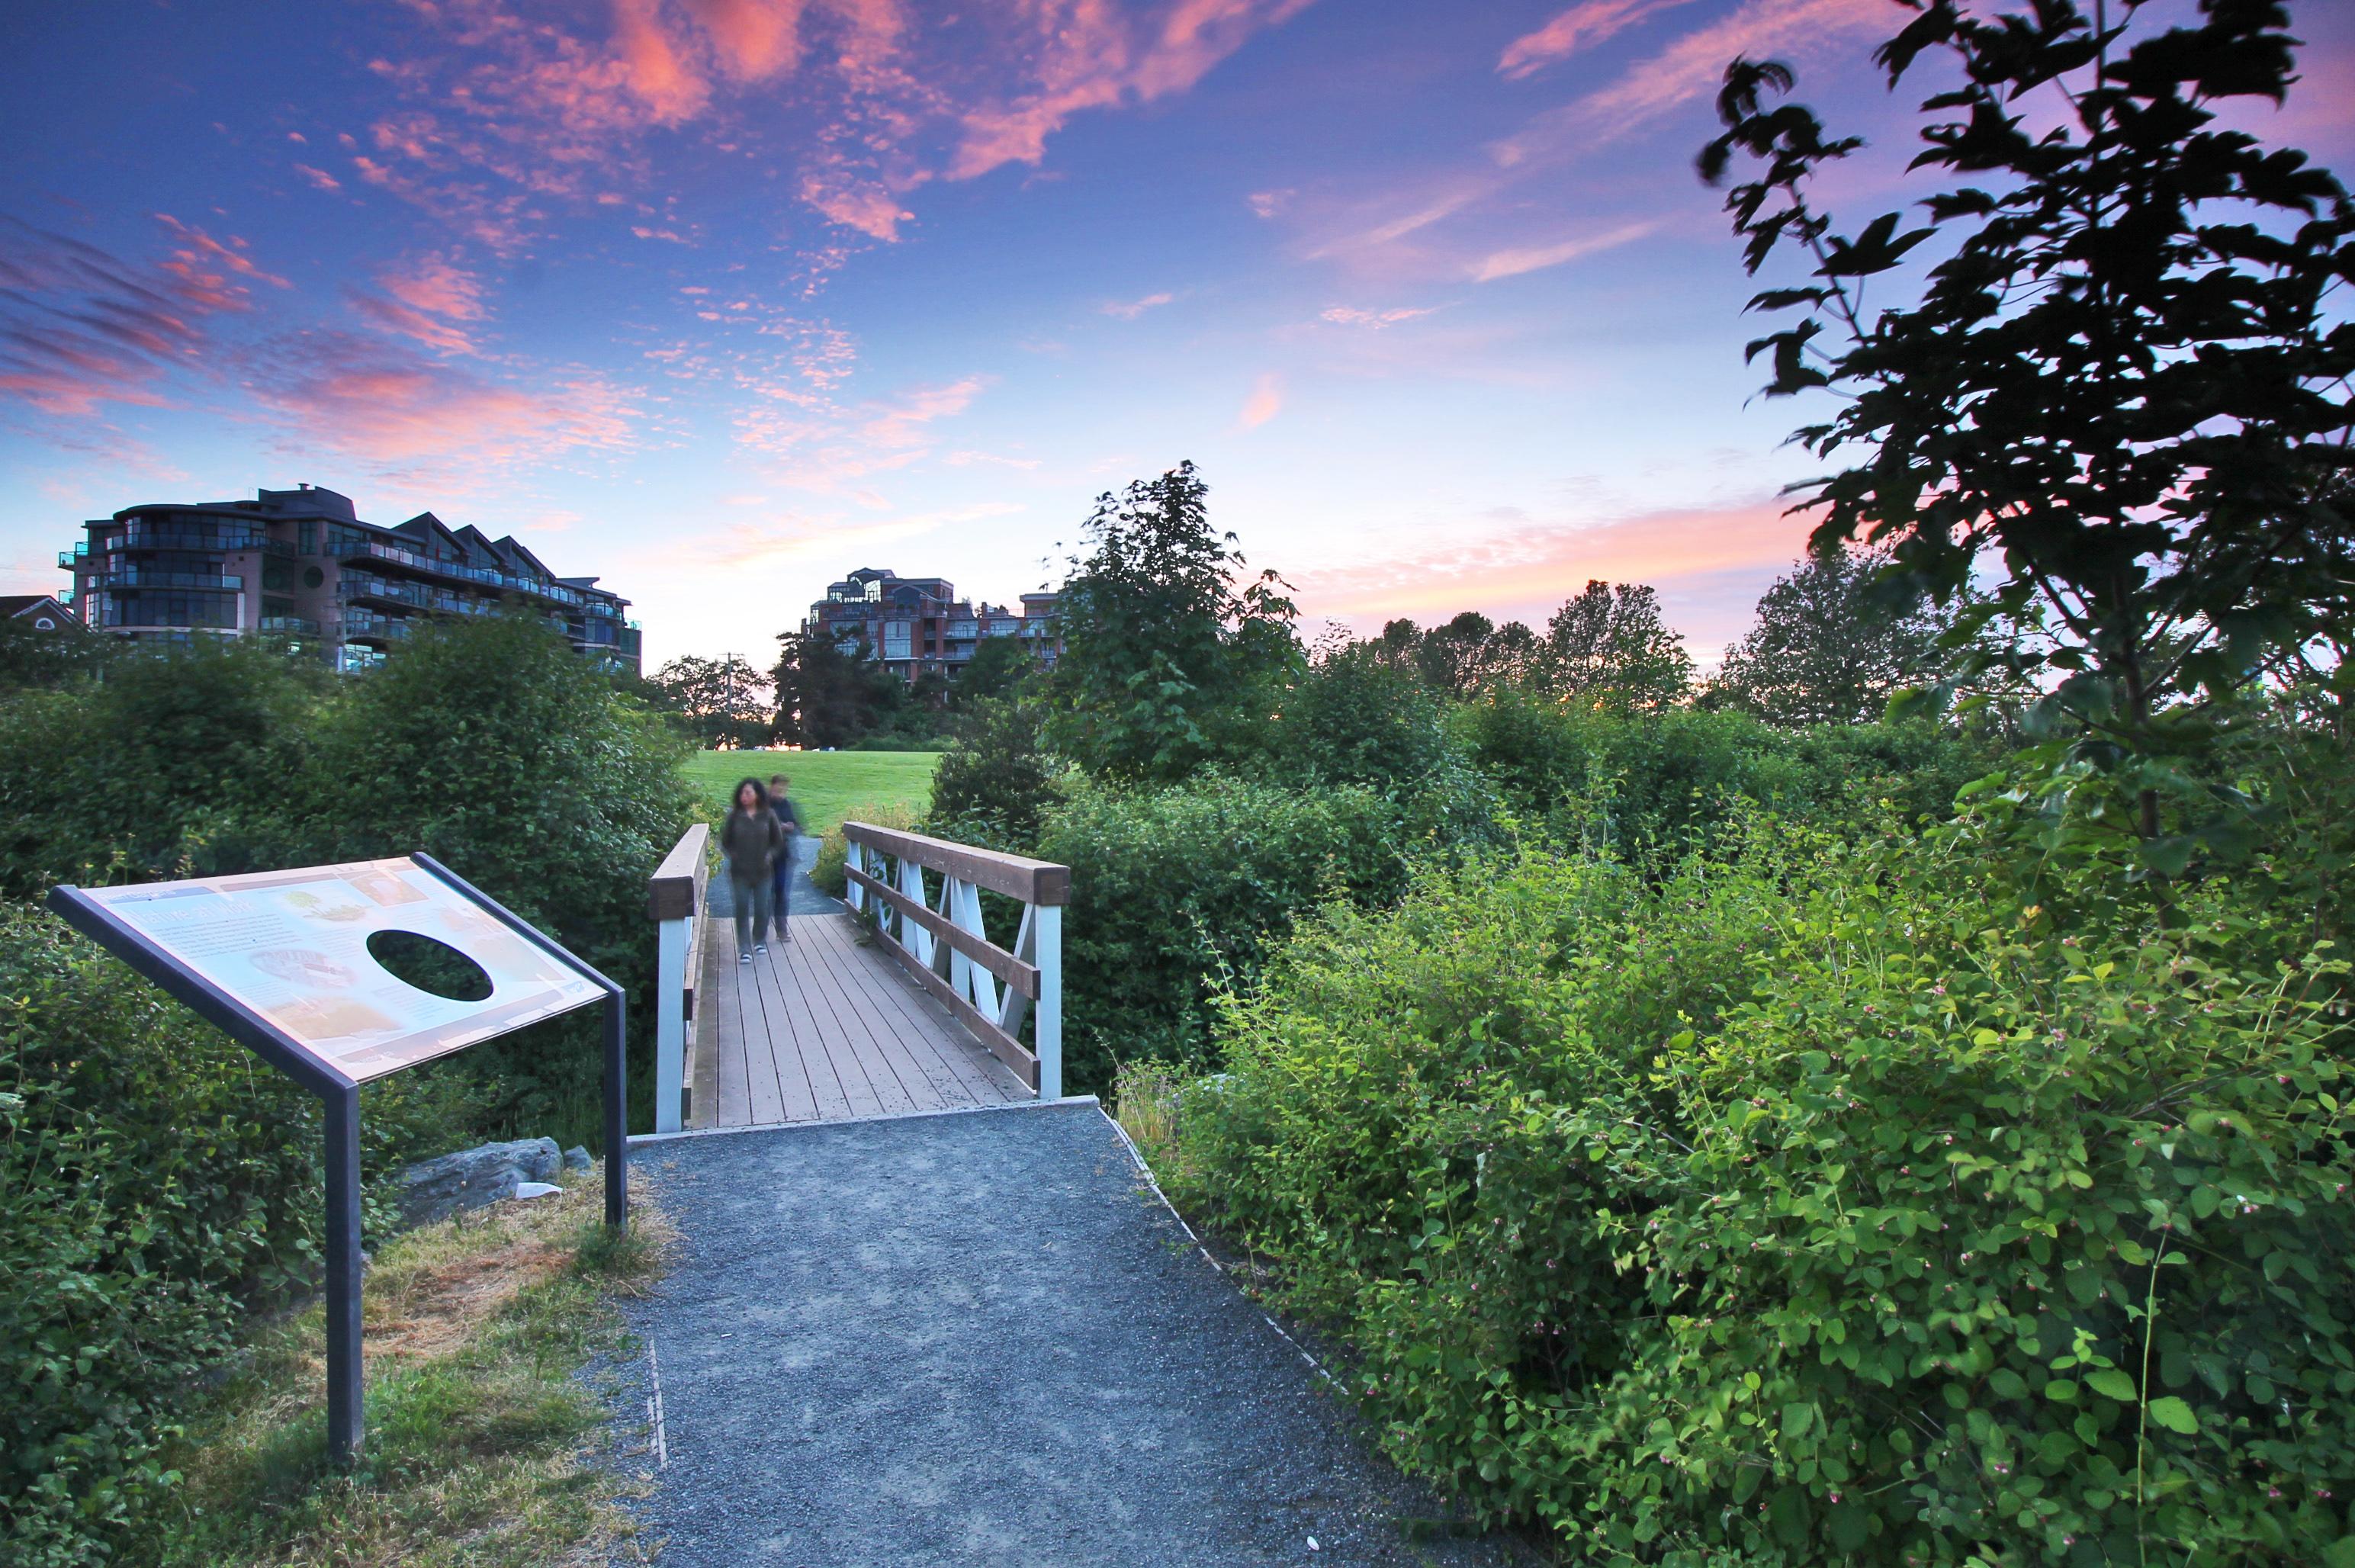 evening-people-crossing-bridge_02jpg